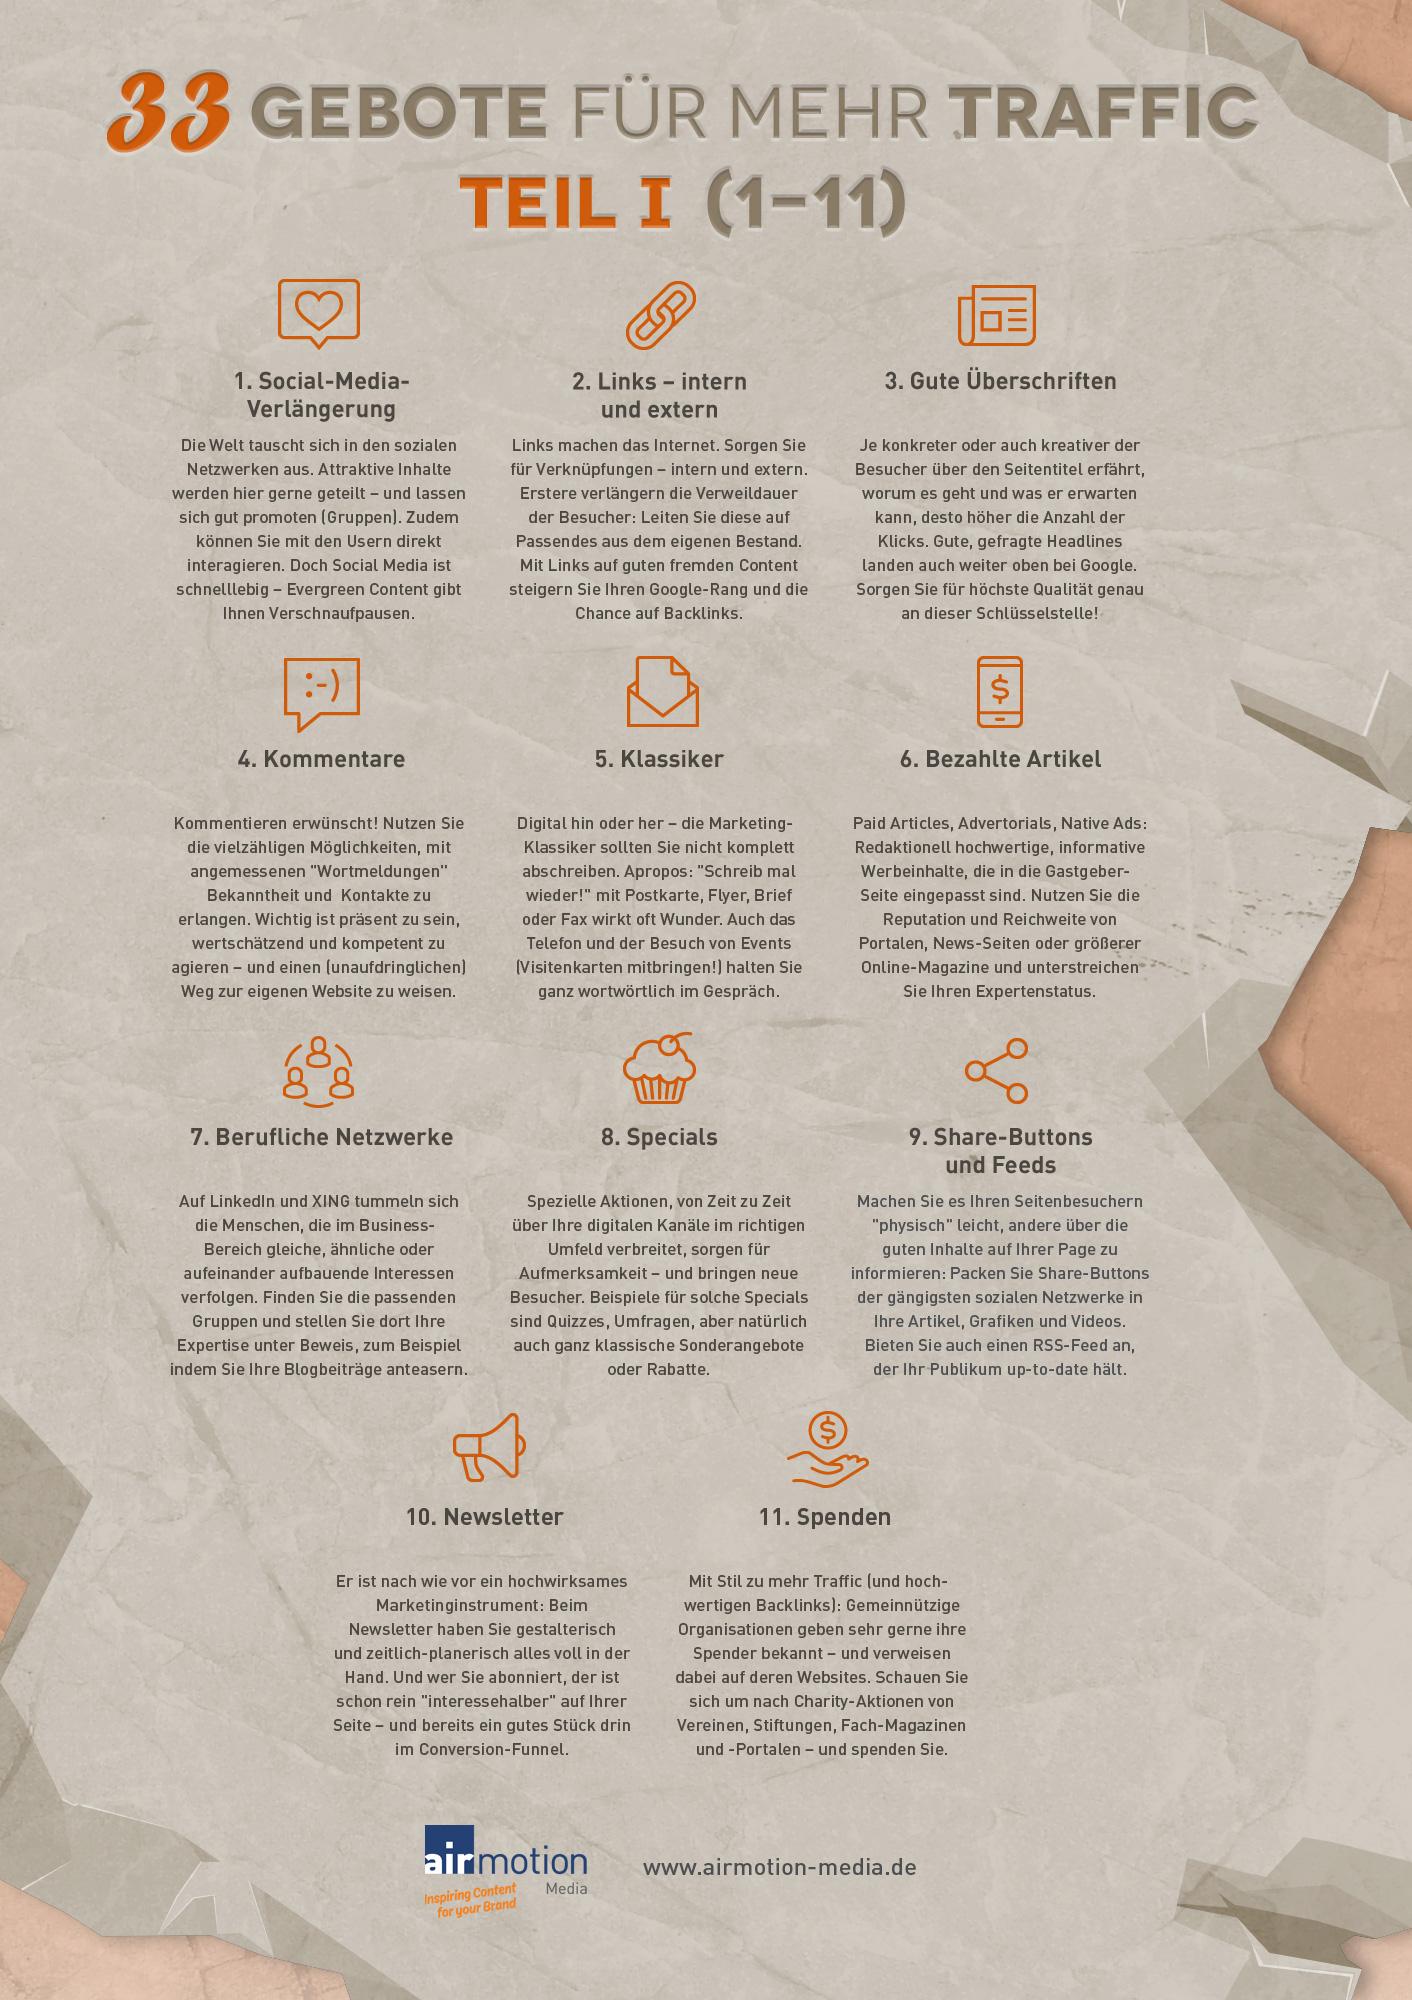 Infografik: Die ersten elf der 33 Gebote für mehr Traffic – Airmotion Media